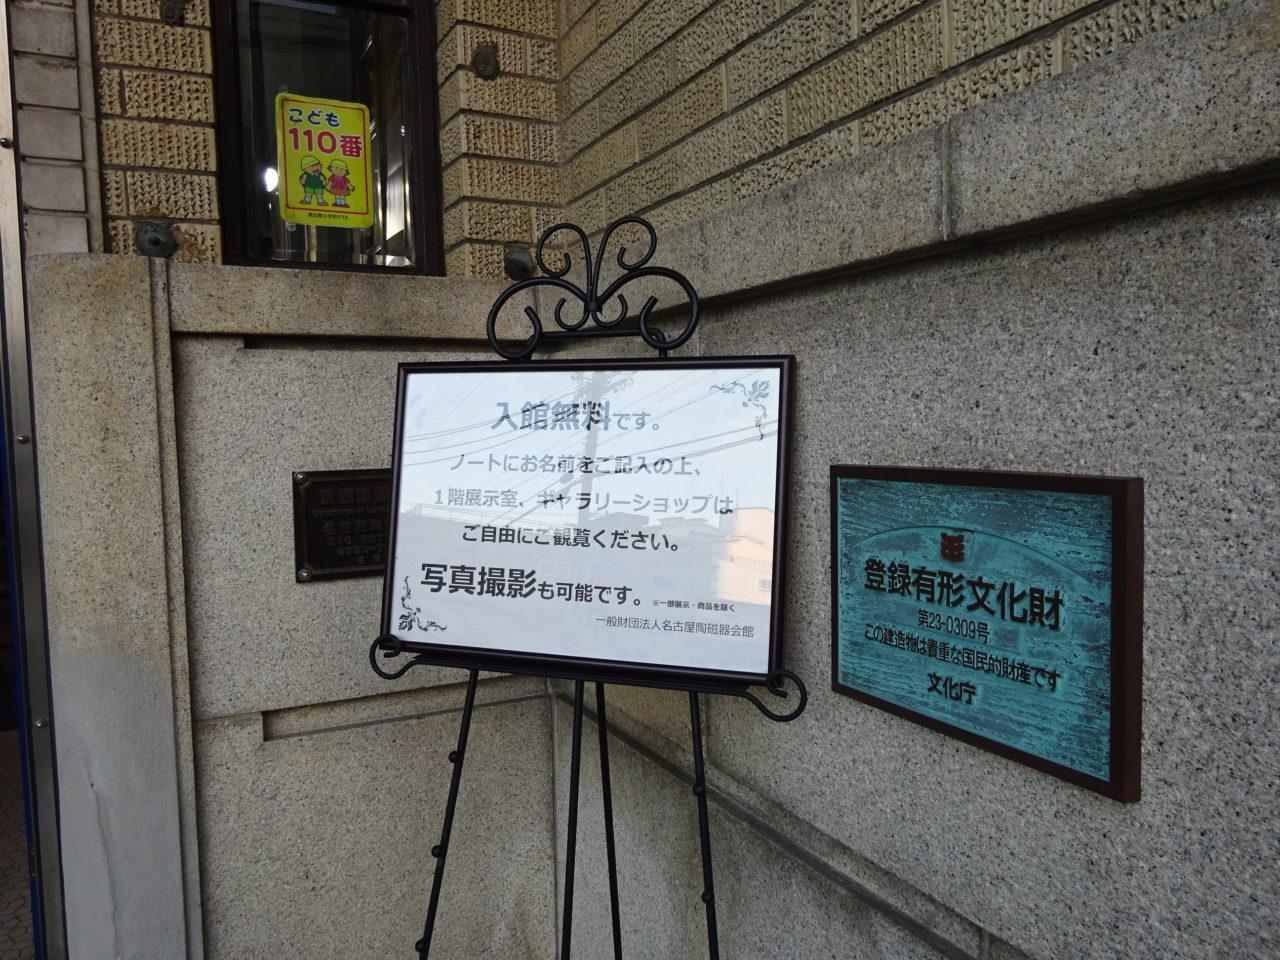 登録有形文化財、名古屋陶磁器会館